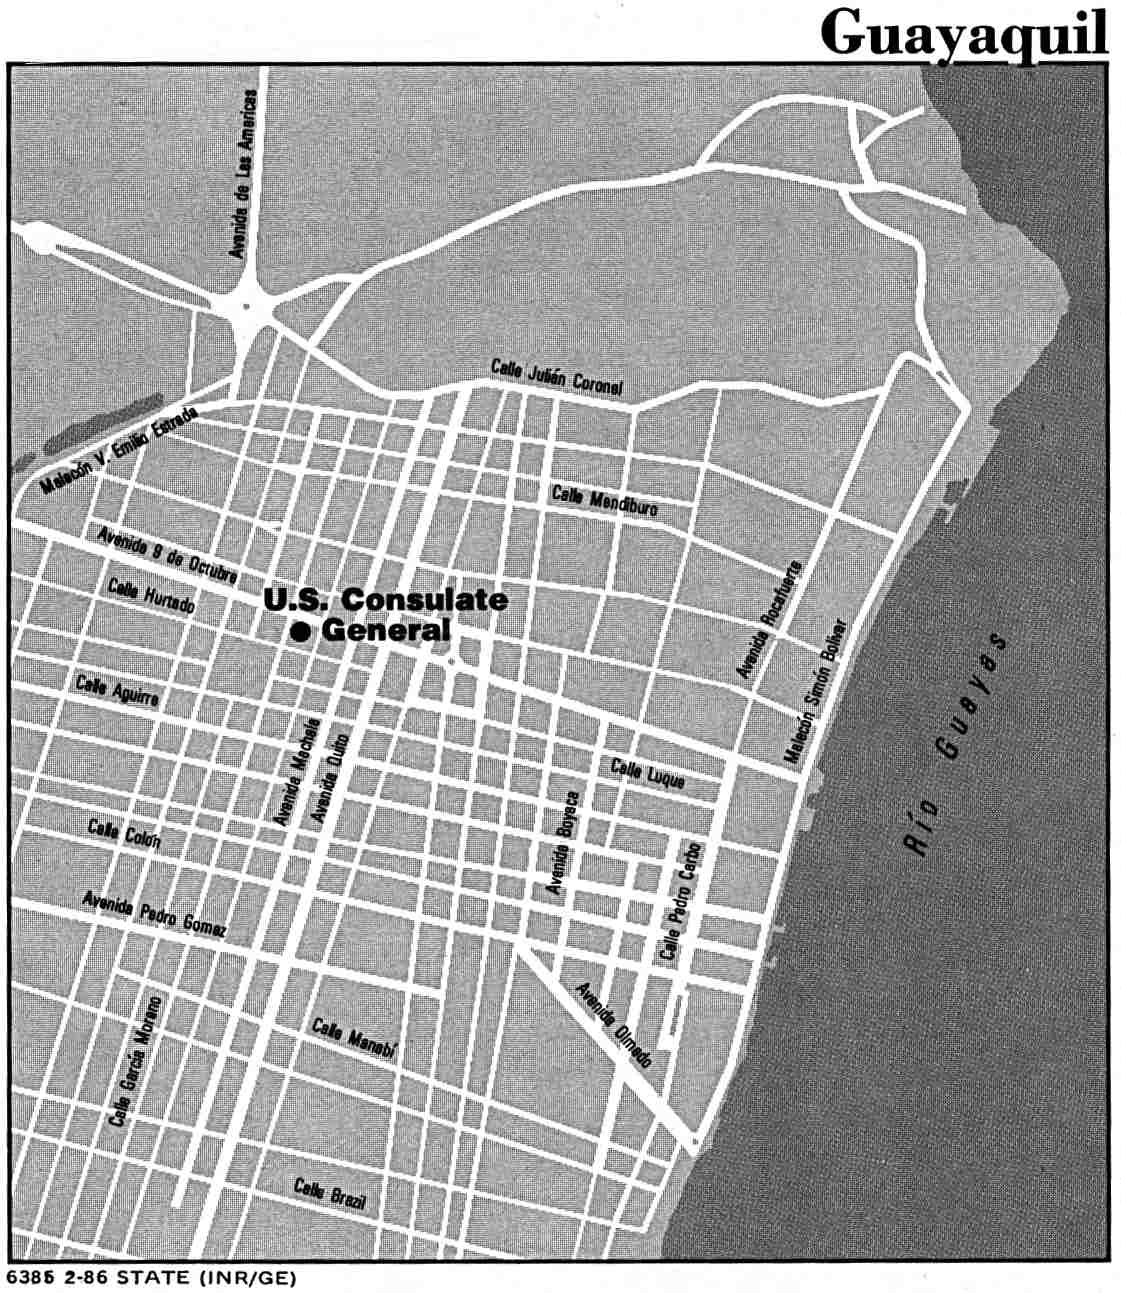 Mapa de la Ciudad de Guayaquil, Ecuador